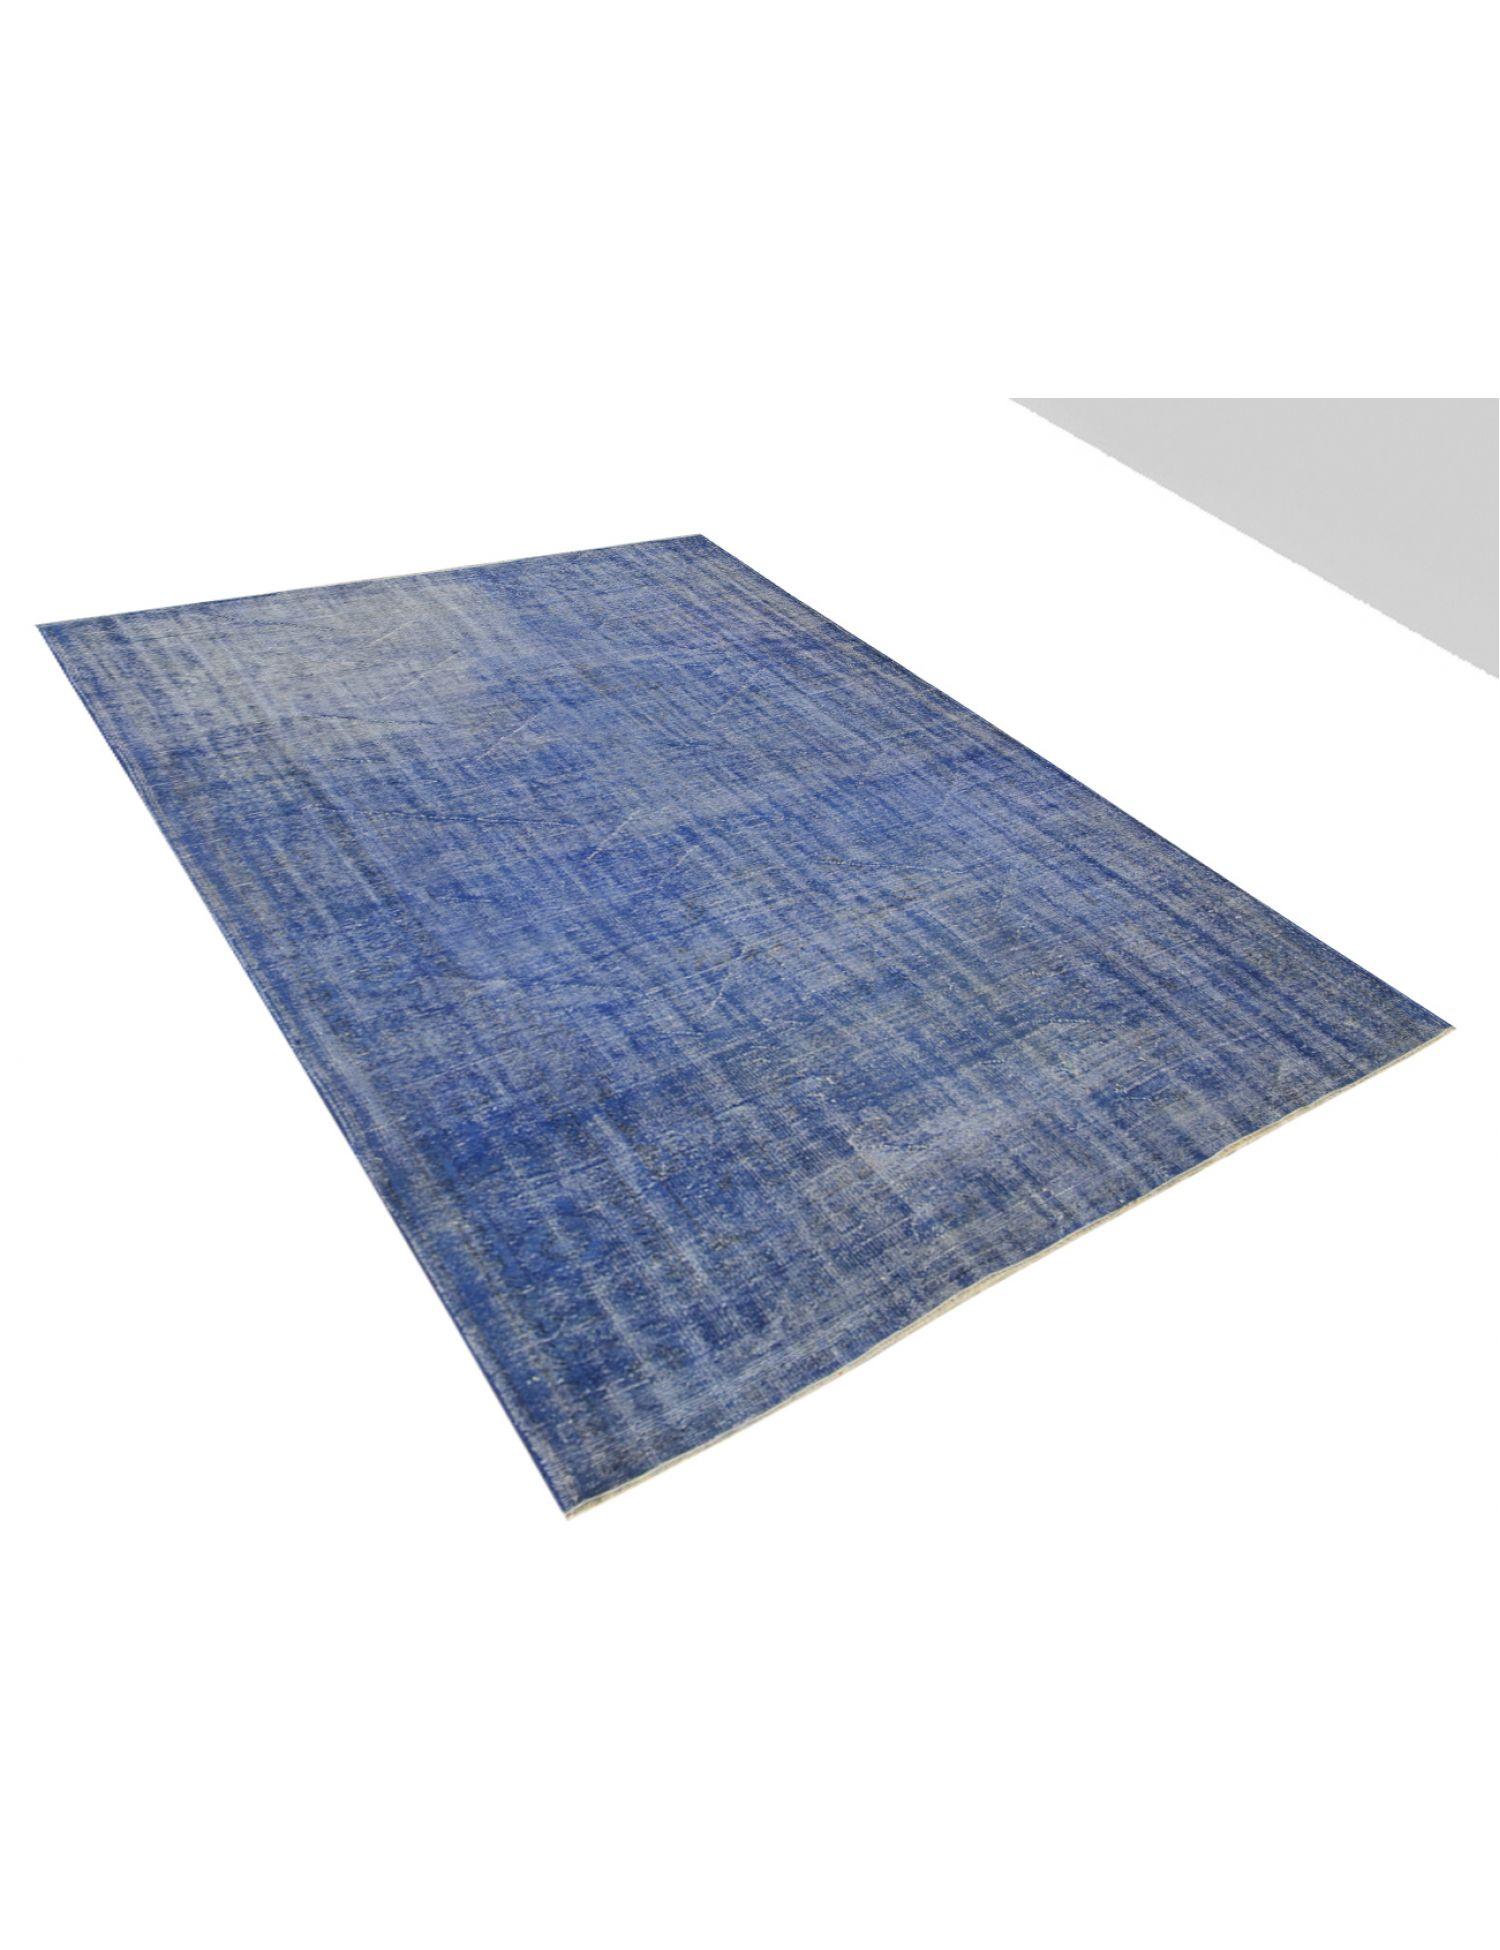 Vintage Carpet  blue <br/>310 x 222 cm